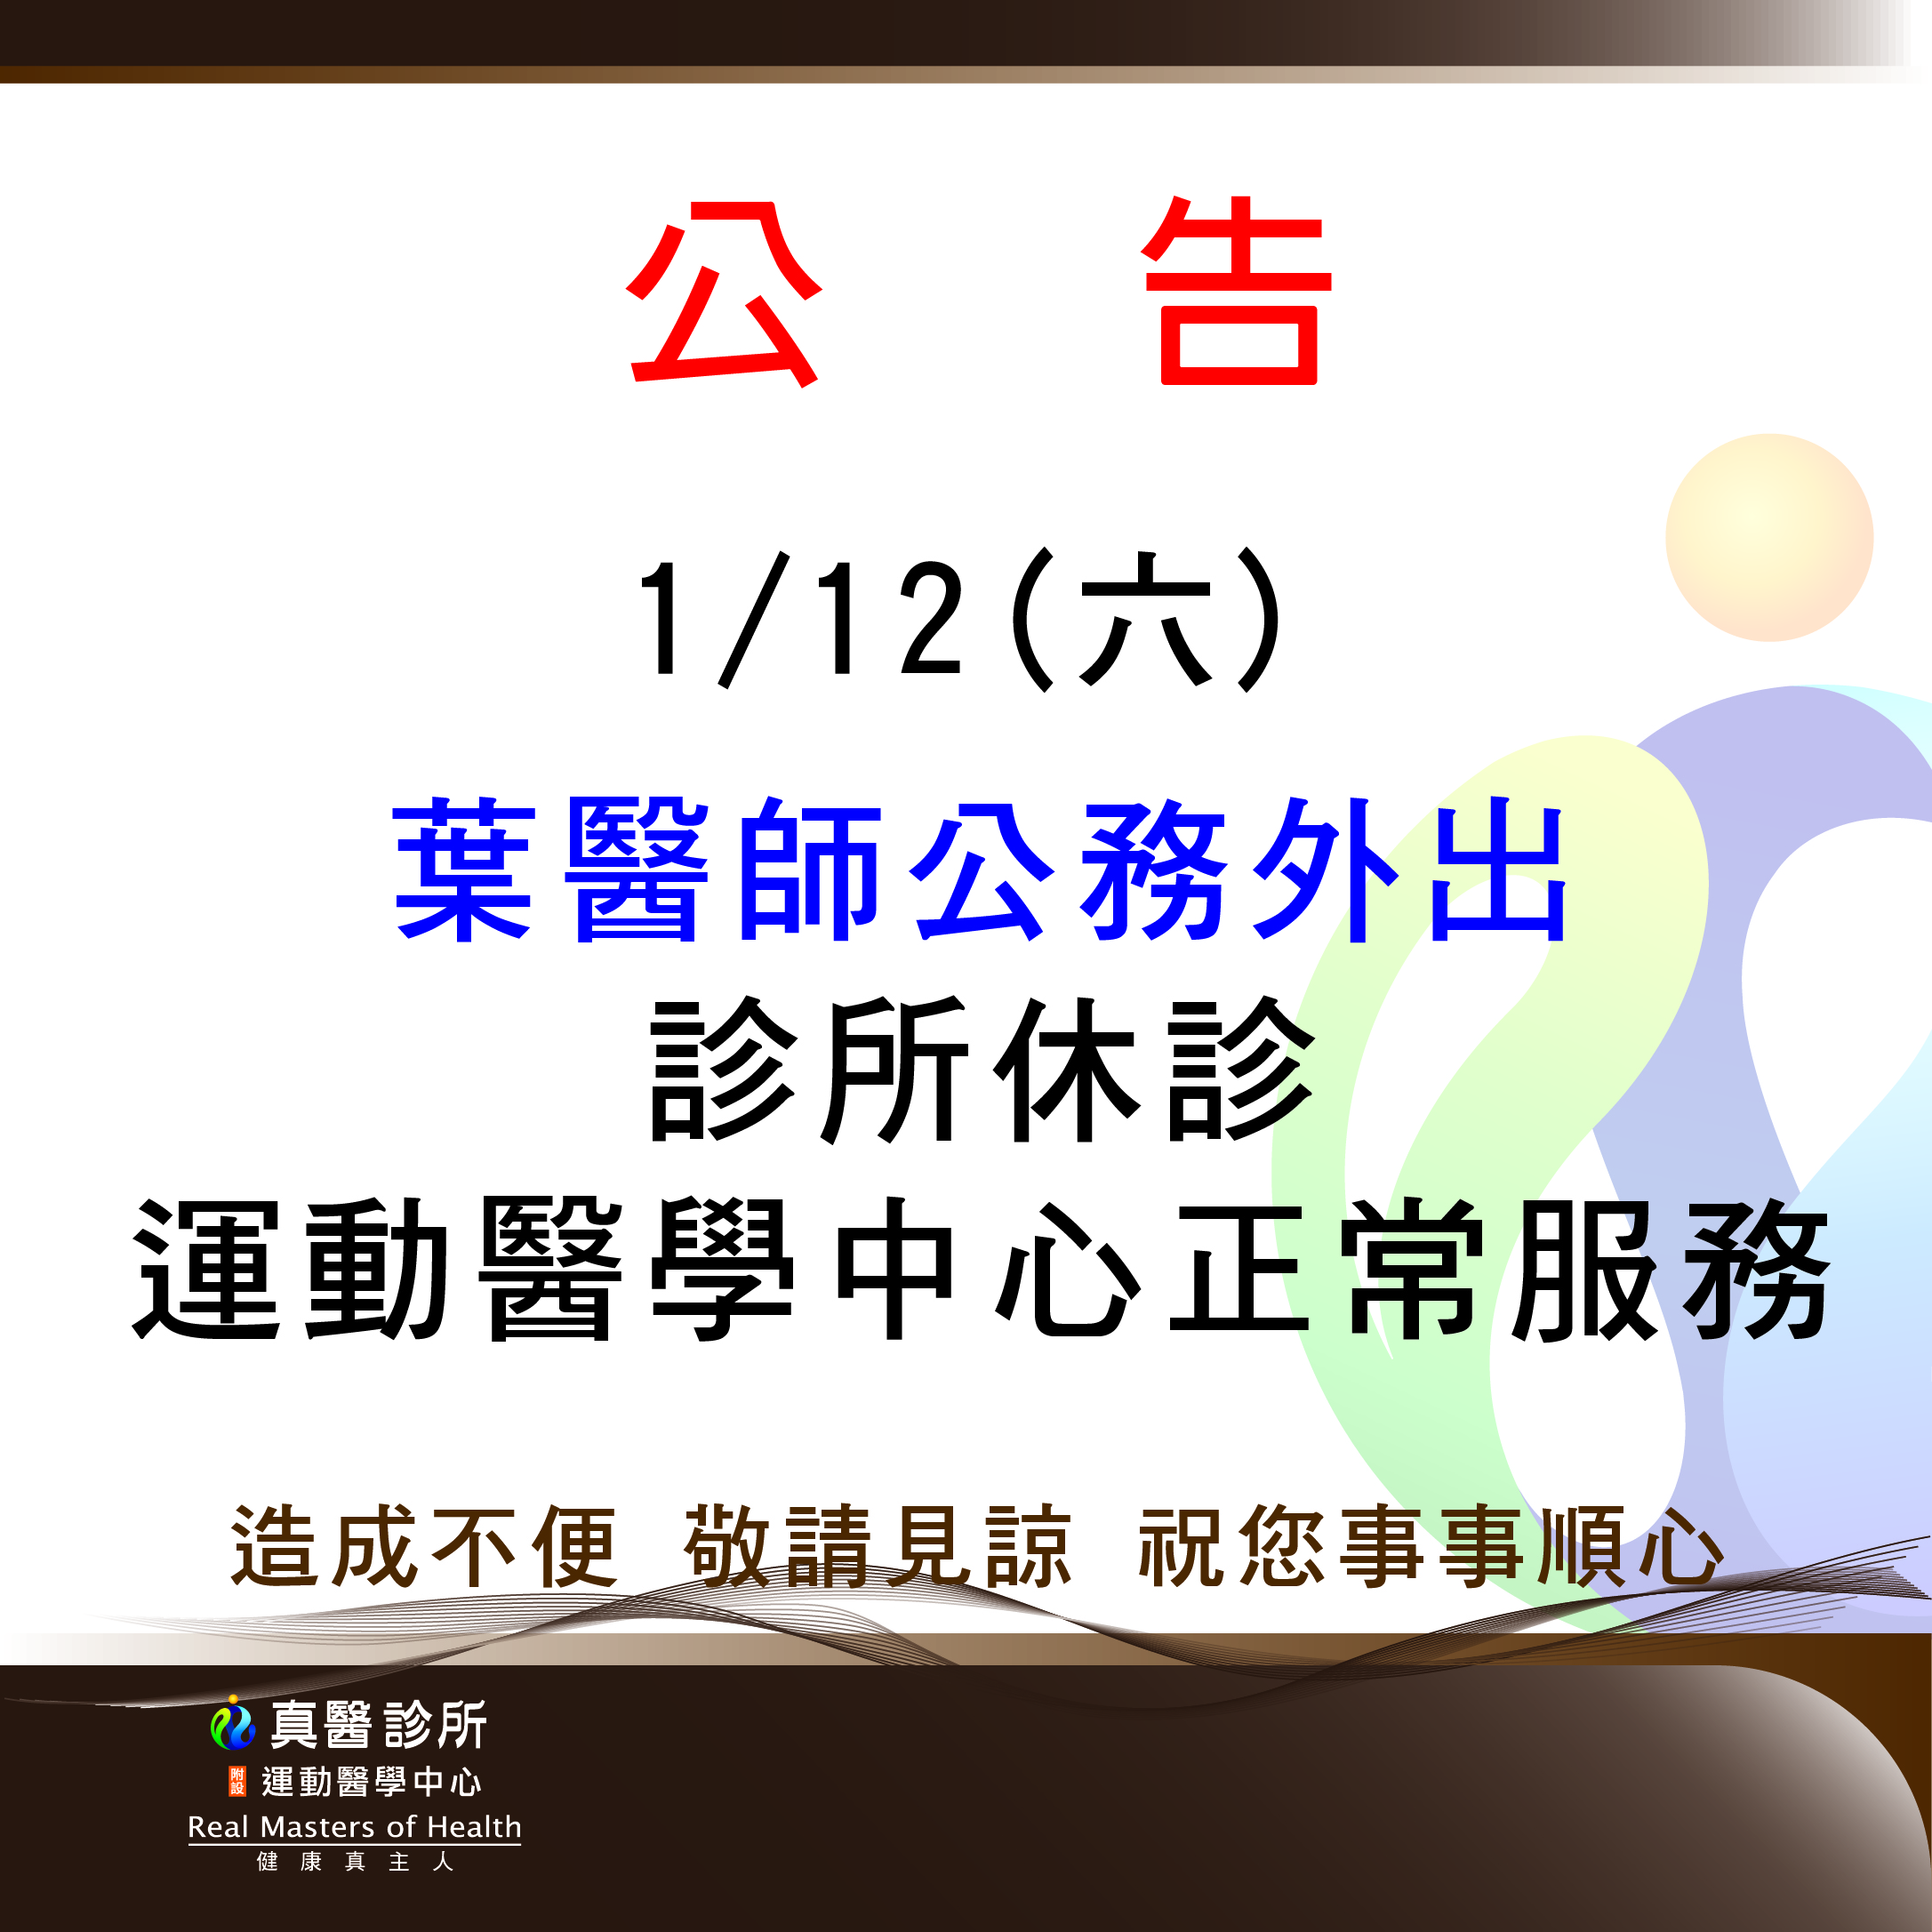 1/12(六)葉醫師公務外出 診所休診 運動醫學中心正常服務